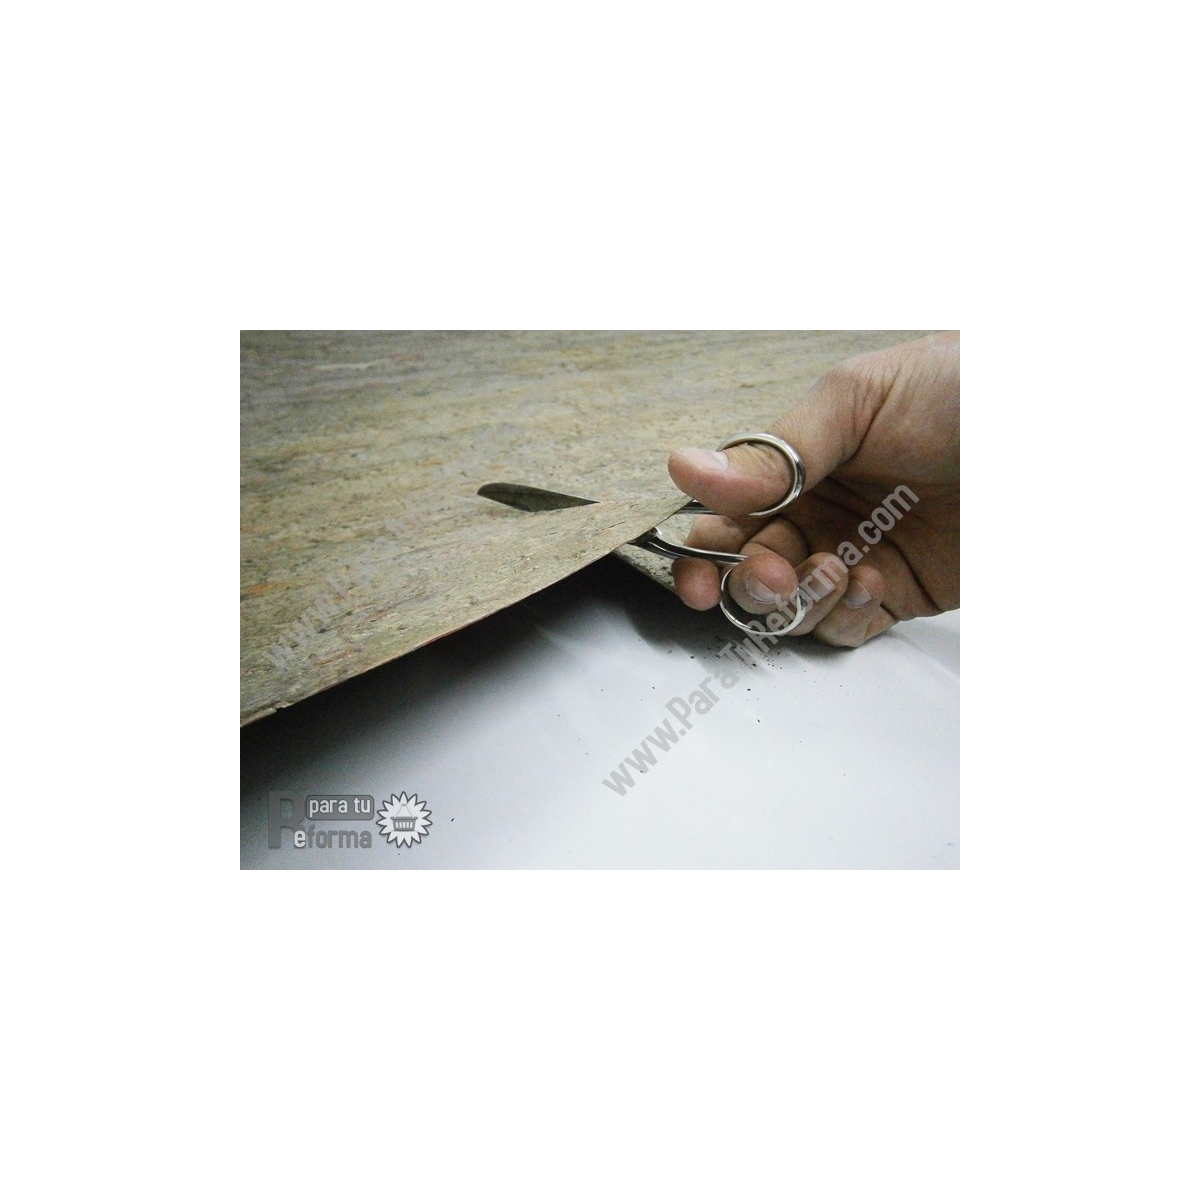 Pizarra natural flexible FS6008 / FT3008 (ud) Revestimiento con Pizarra natural flexible 0